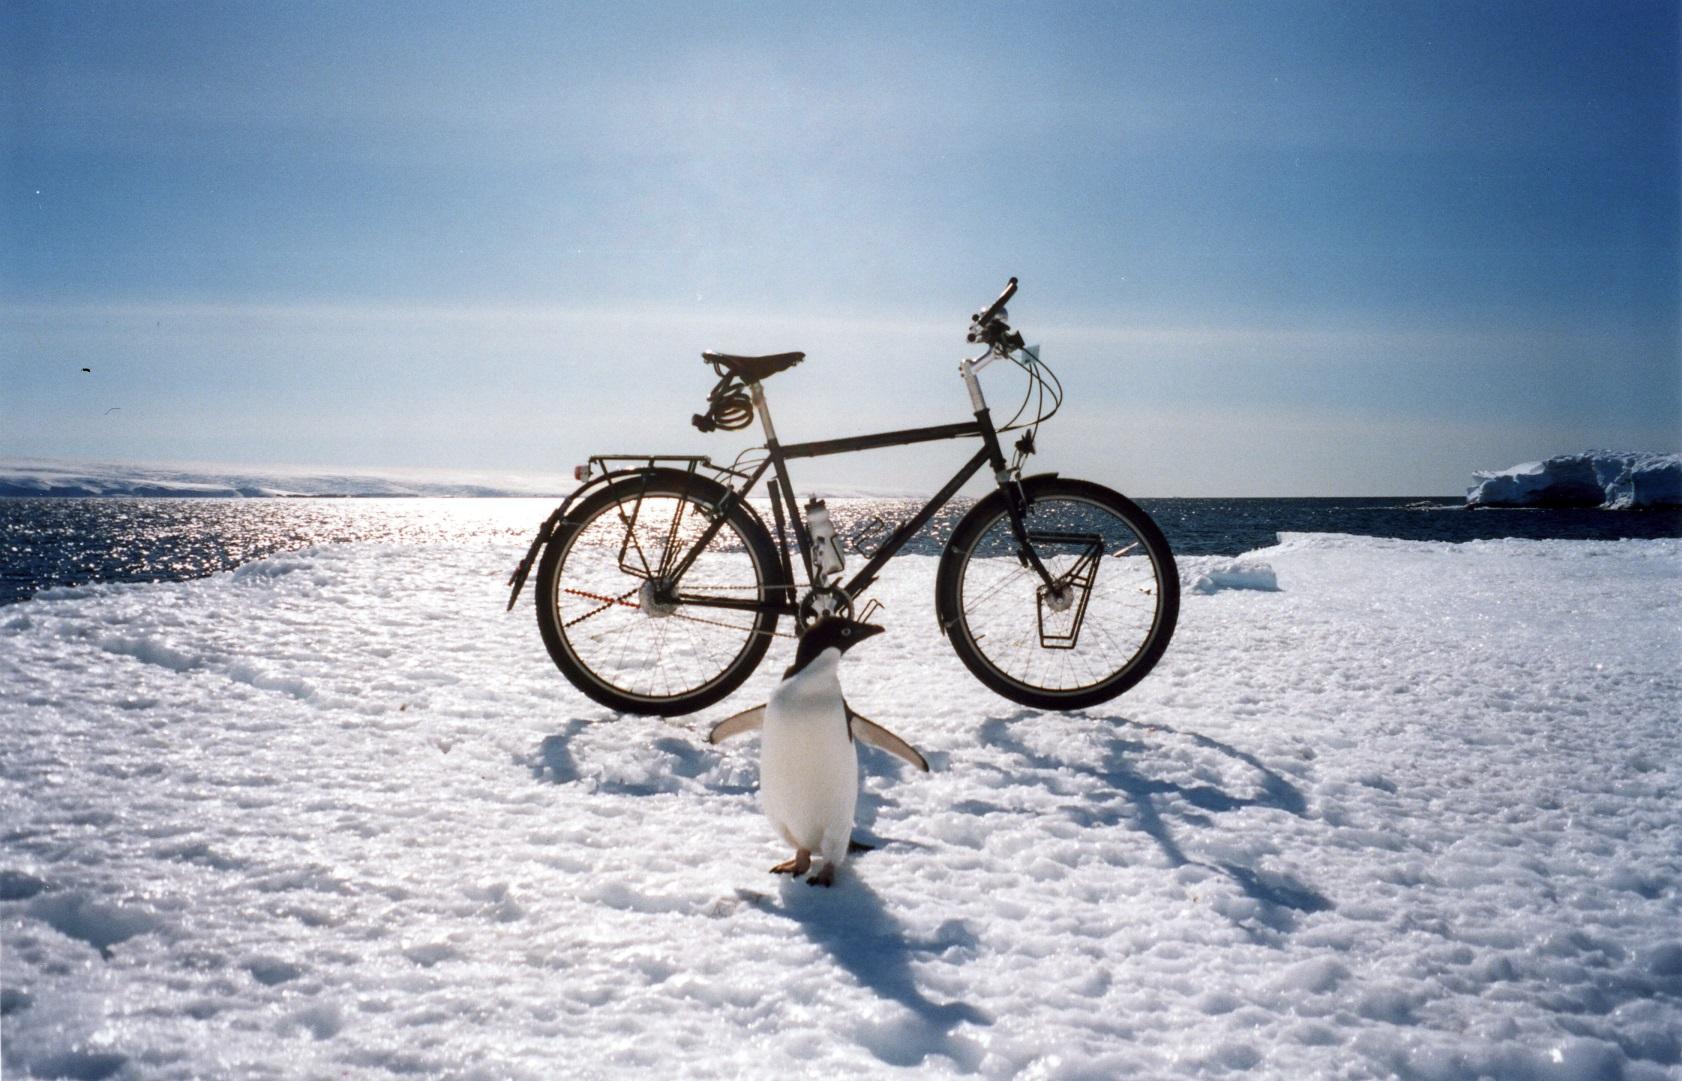 Großartig Upcycling Fahrrad Sammlung Von Free Wheels East | Mit Dem Durch